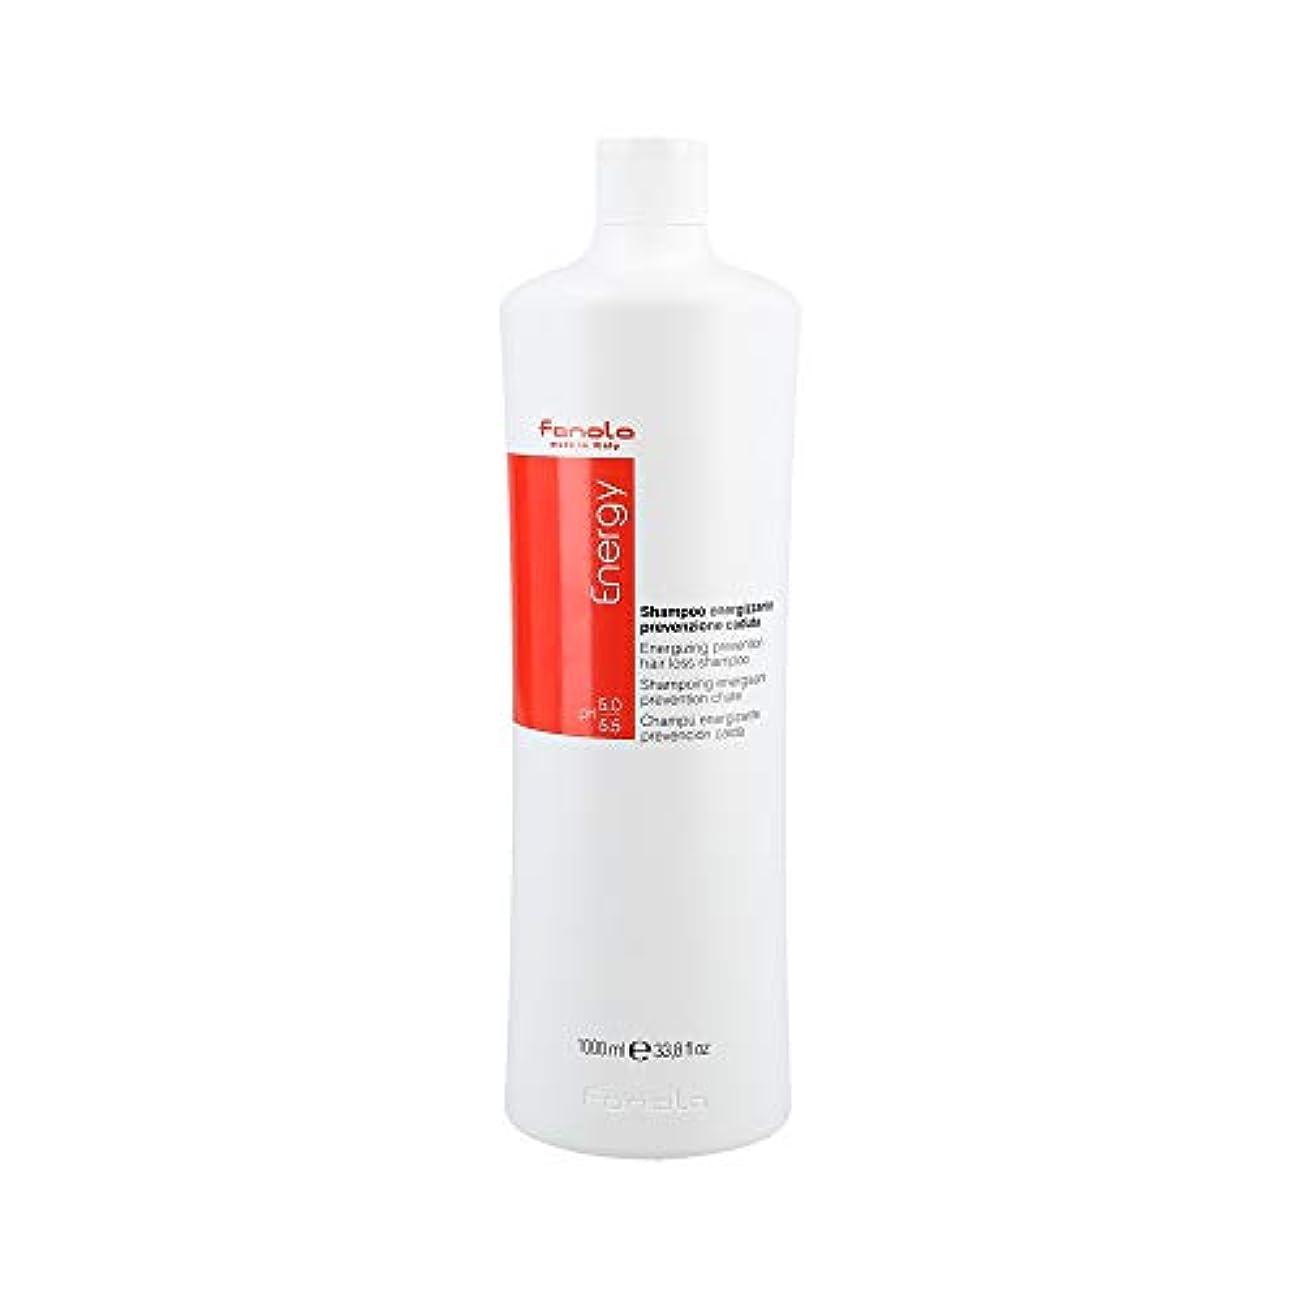 ミトン日付運ぶファノーラシャンプーENERGY活性化脱毛防止1000mL 1L - 脱毛 - 弱い、上質な髪用